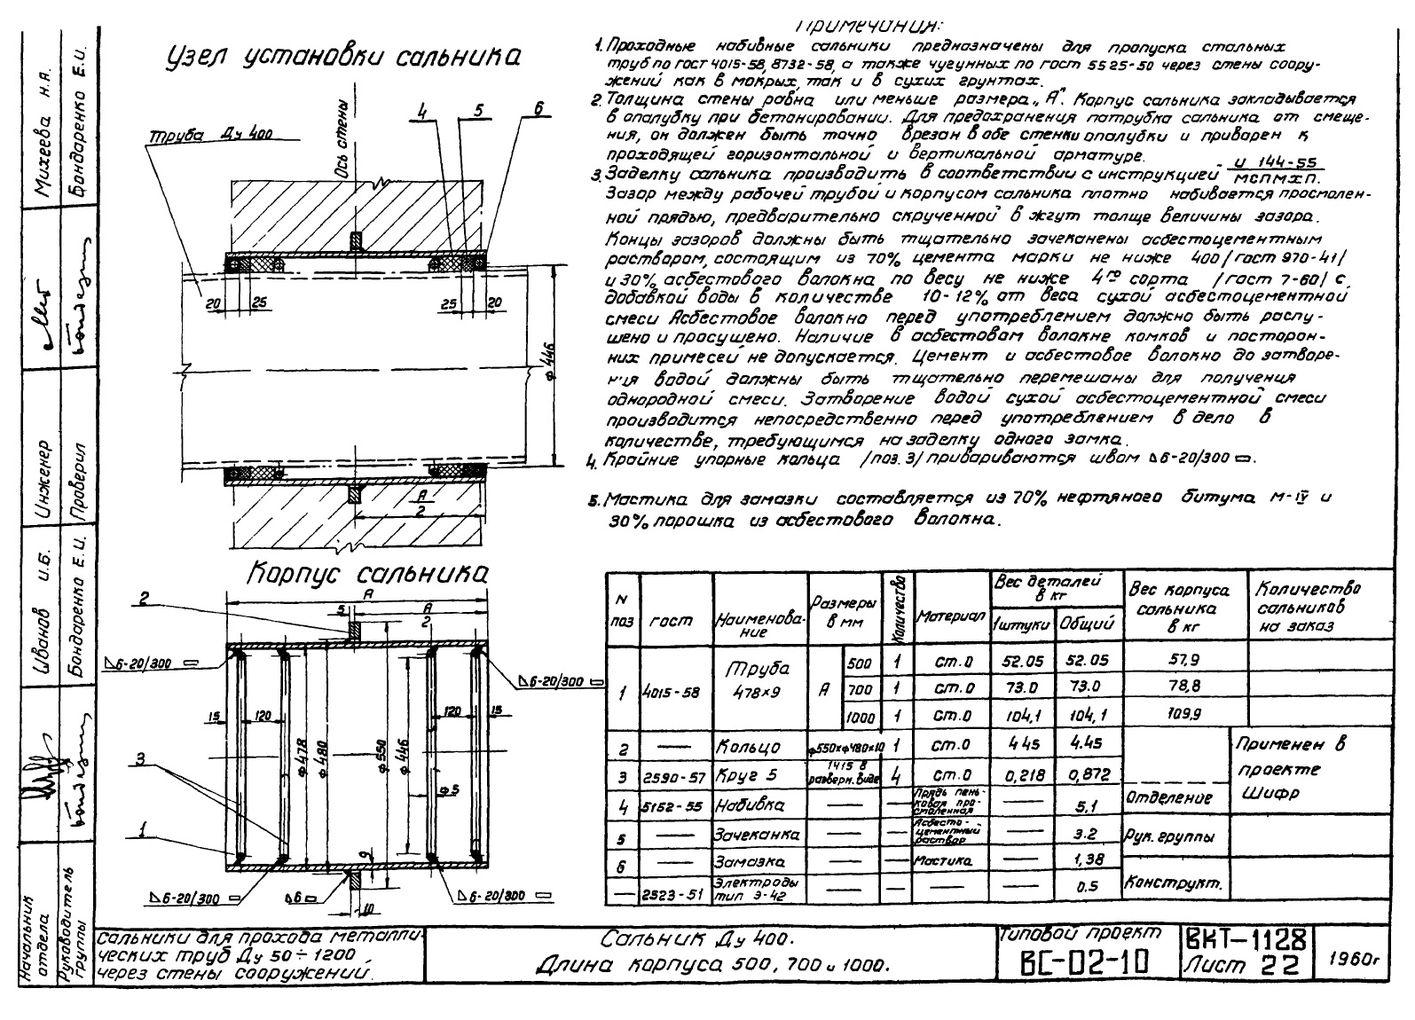 Сальники набивные L = 500 мм типовой проект ВС-02-10 стр.10